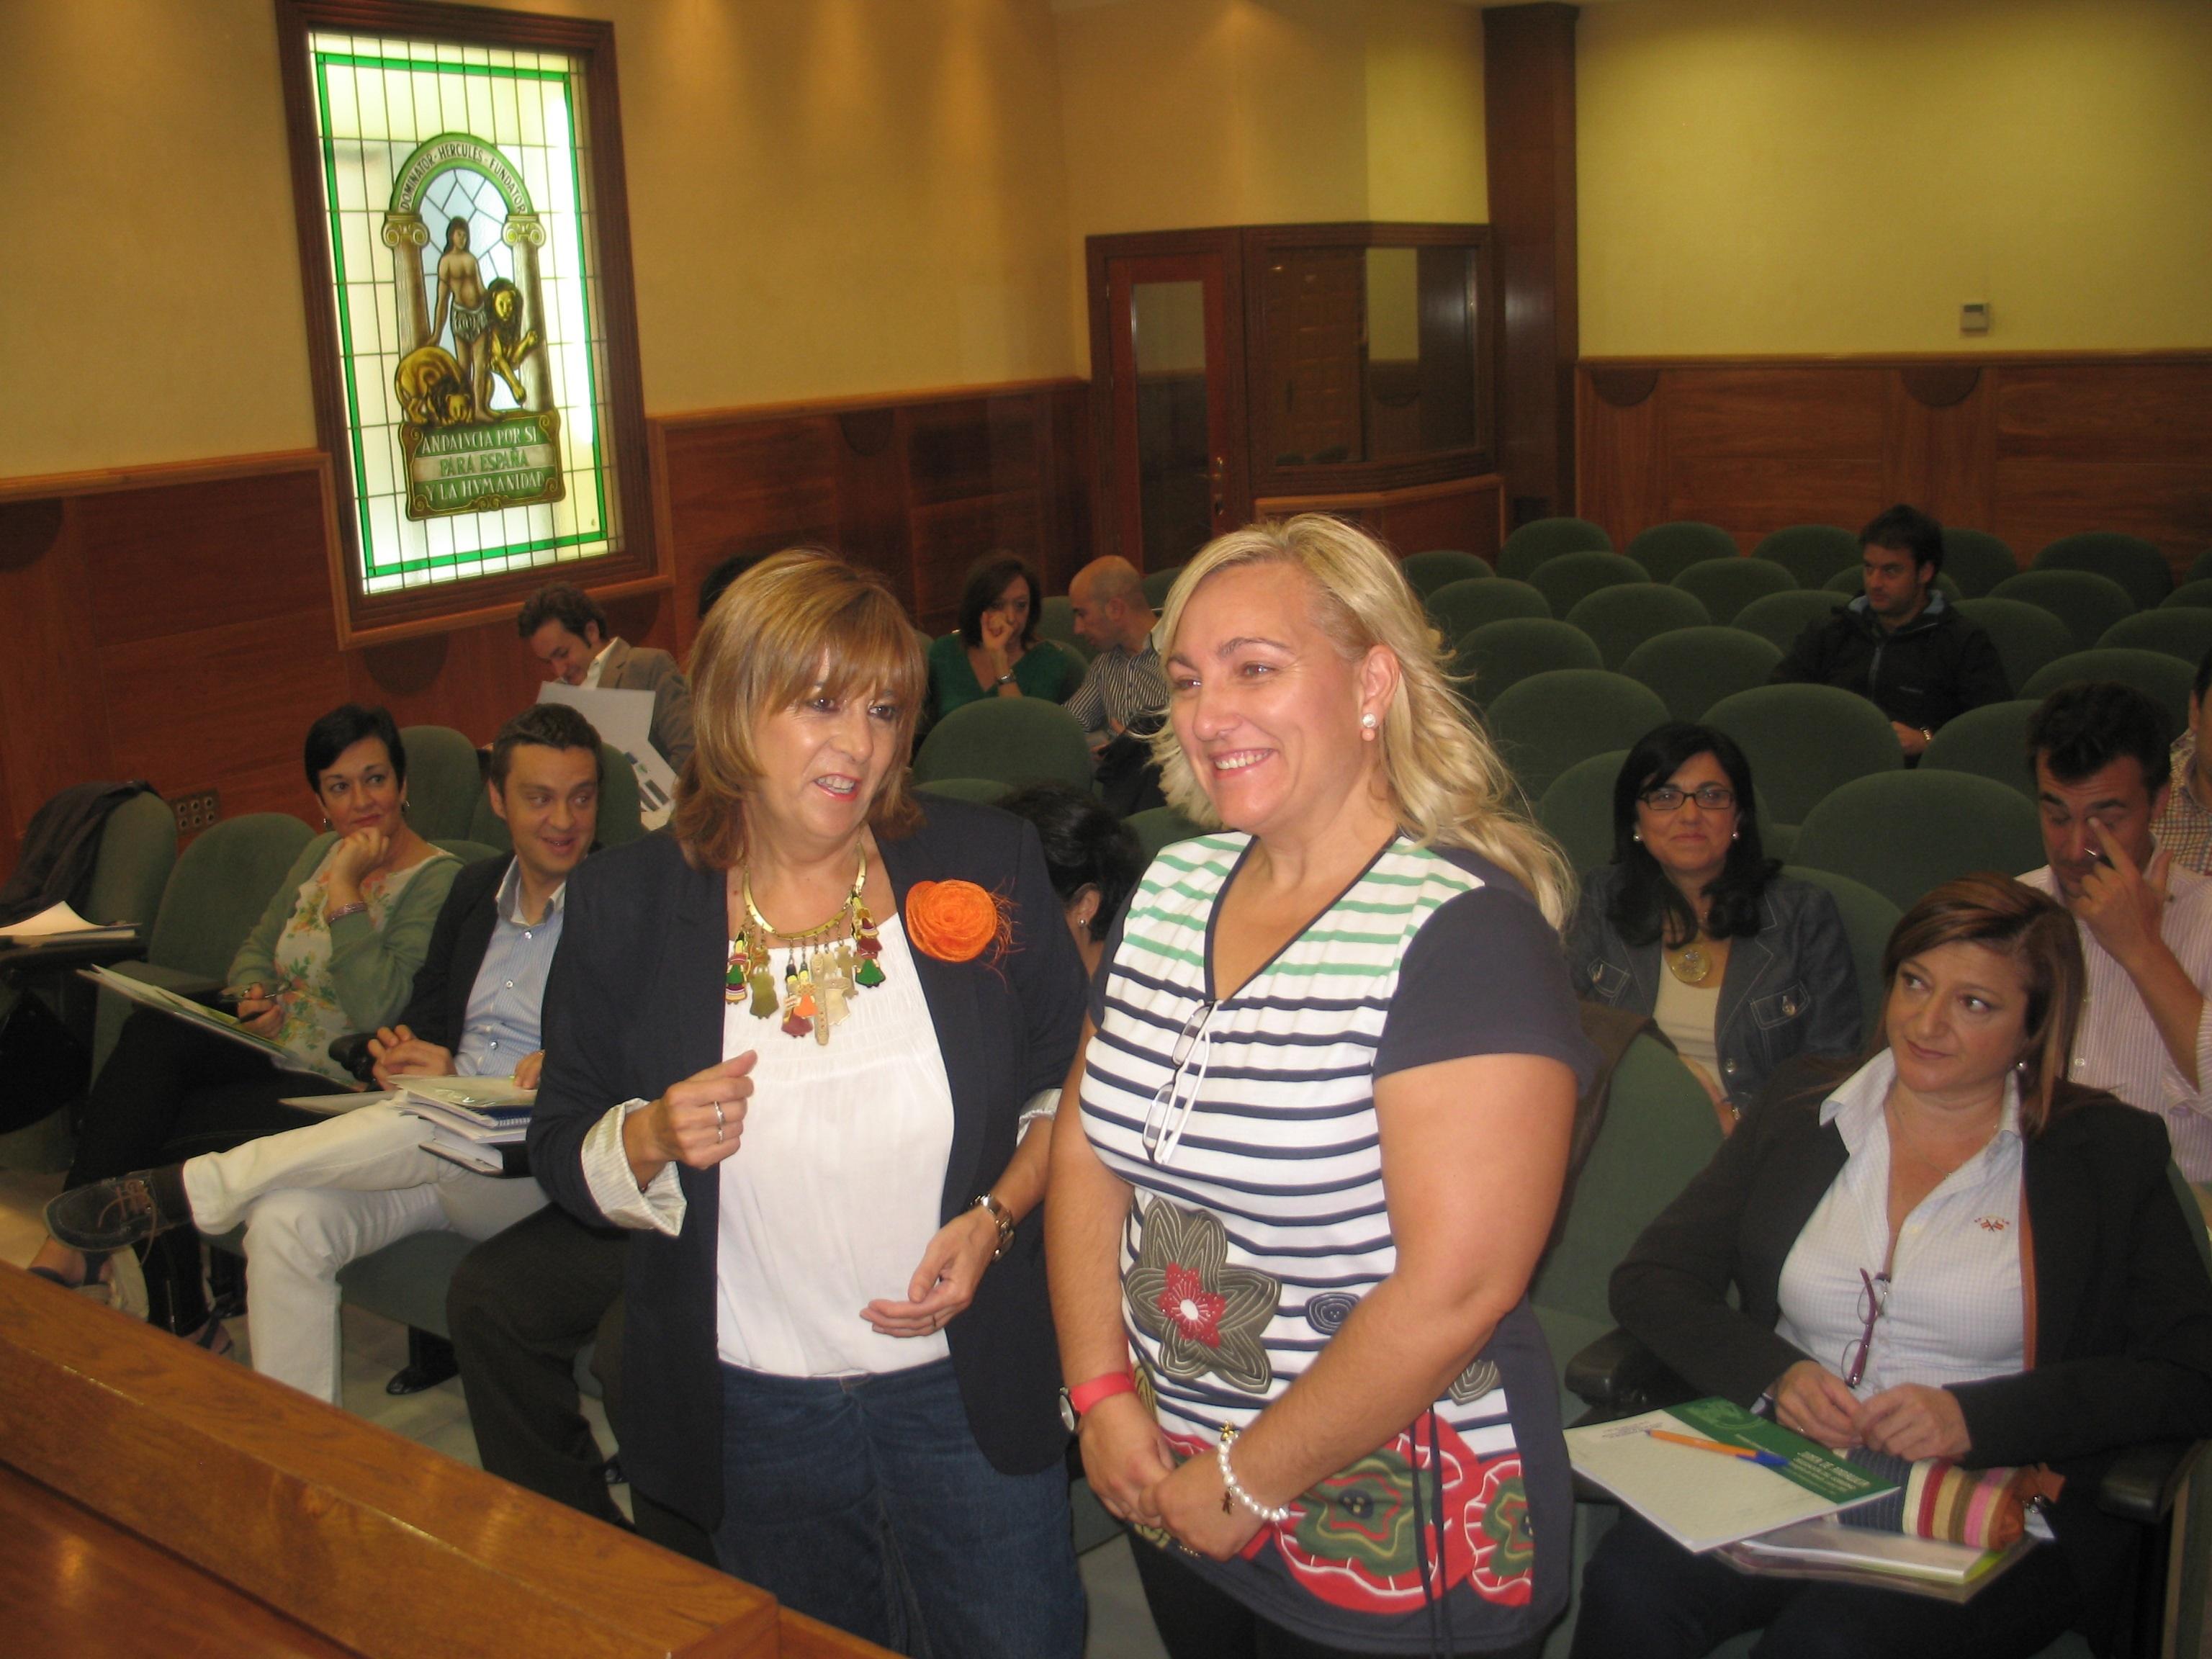 La Junta reúne a alcaldes y concejales jiennenses para «reforzar el papel del municipalismo activo»